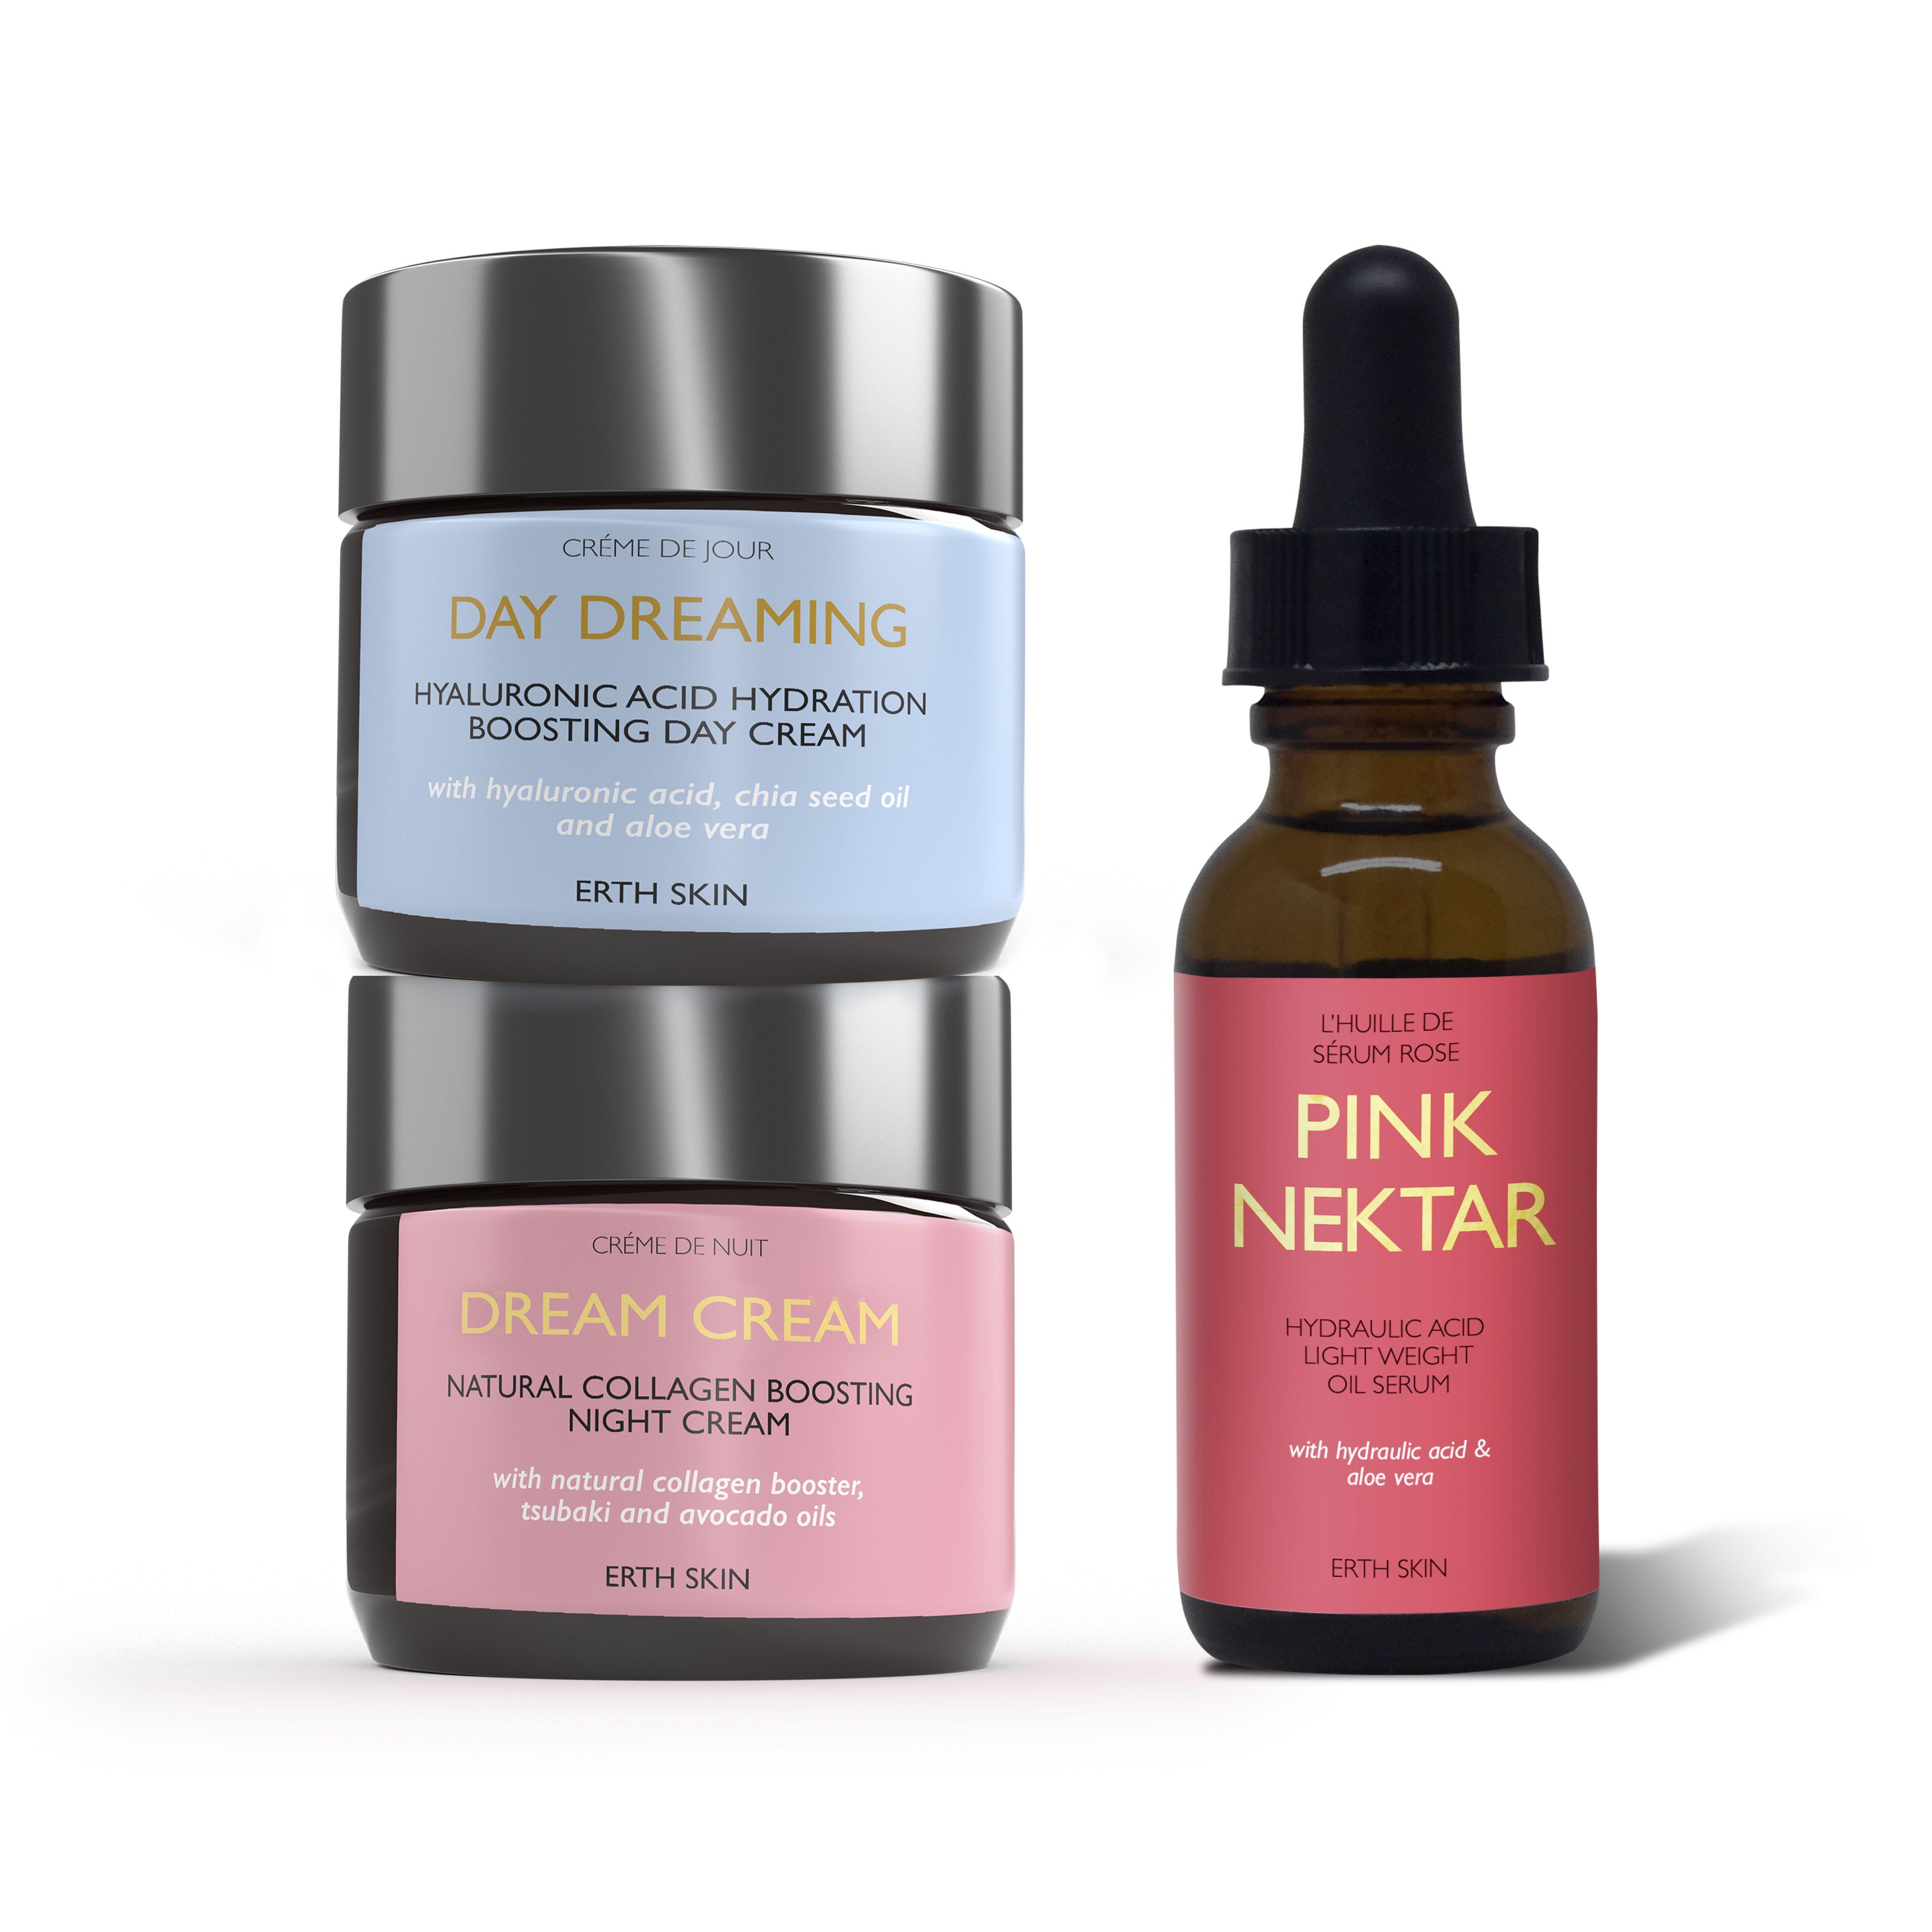 DAY DREAMING-Day cream+ DREAM CREAM- night cream+ Pink Nectar- Serum